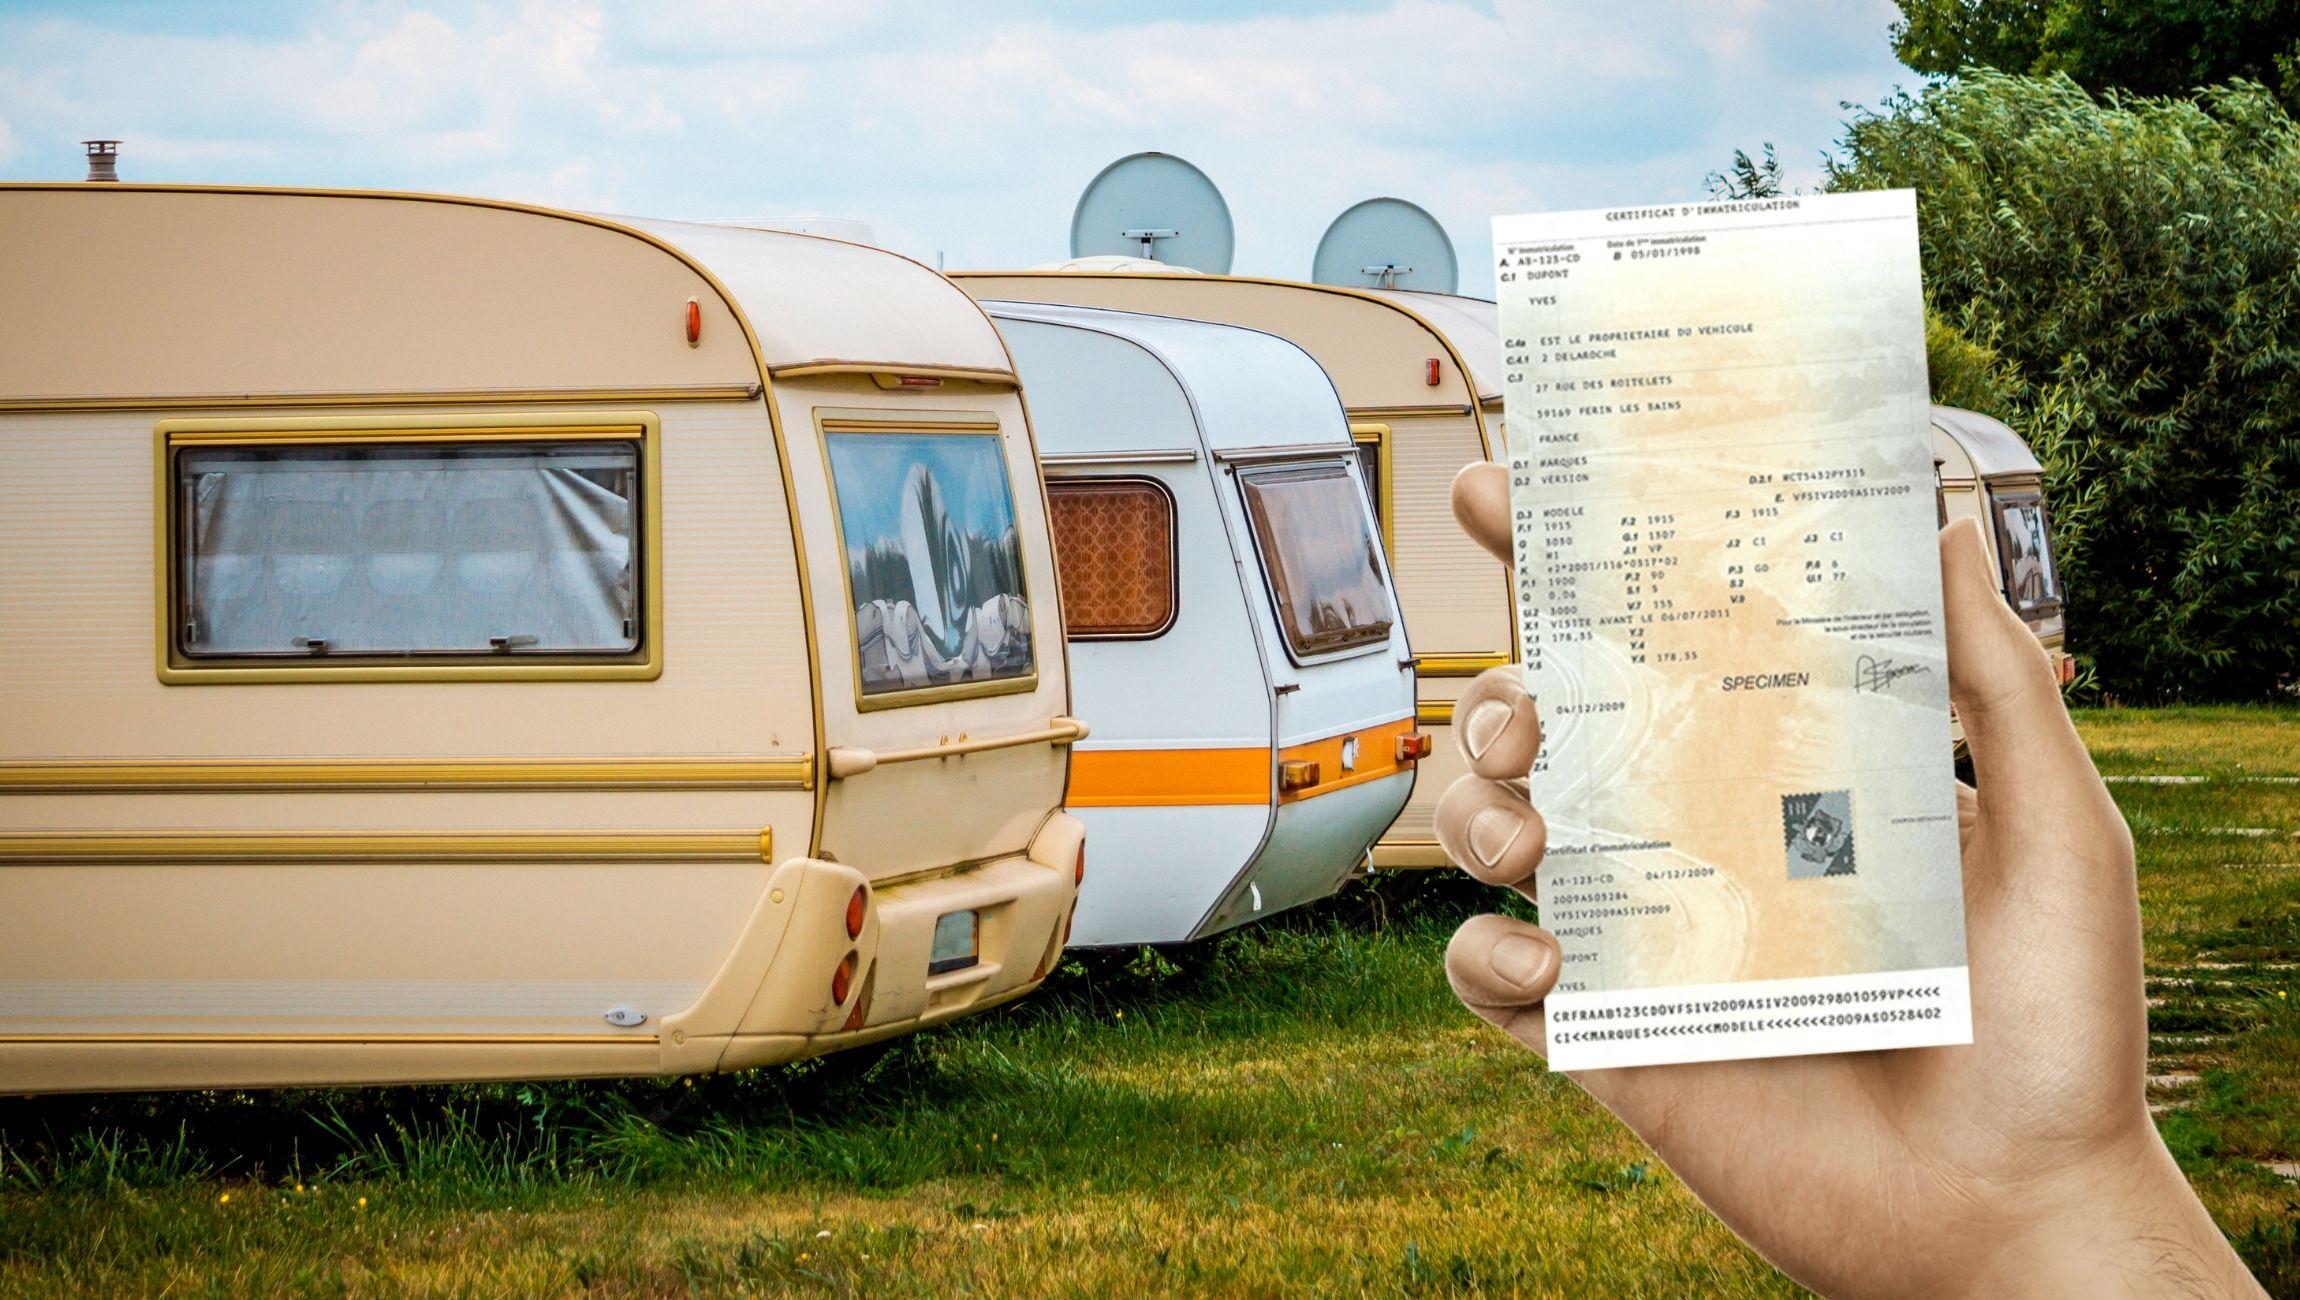 Changement de nom du titulaire d'une carte grise pour une caravane